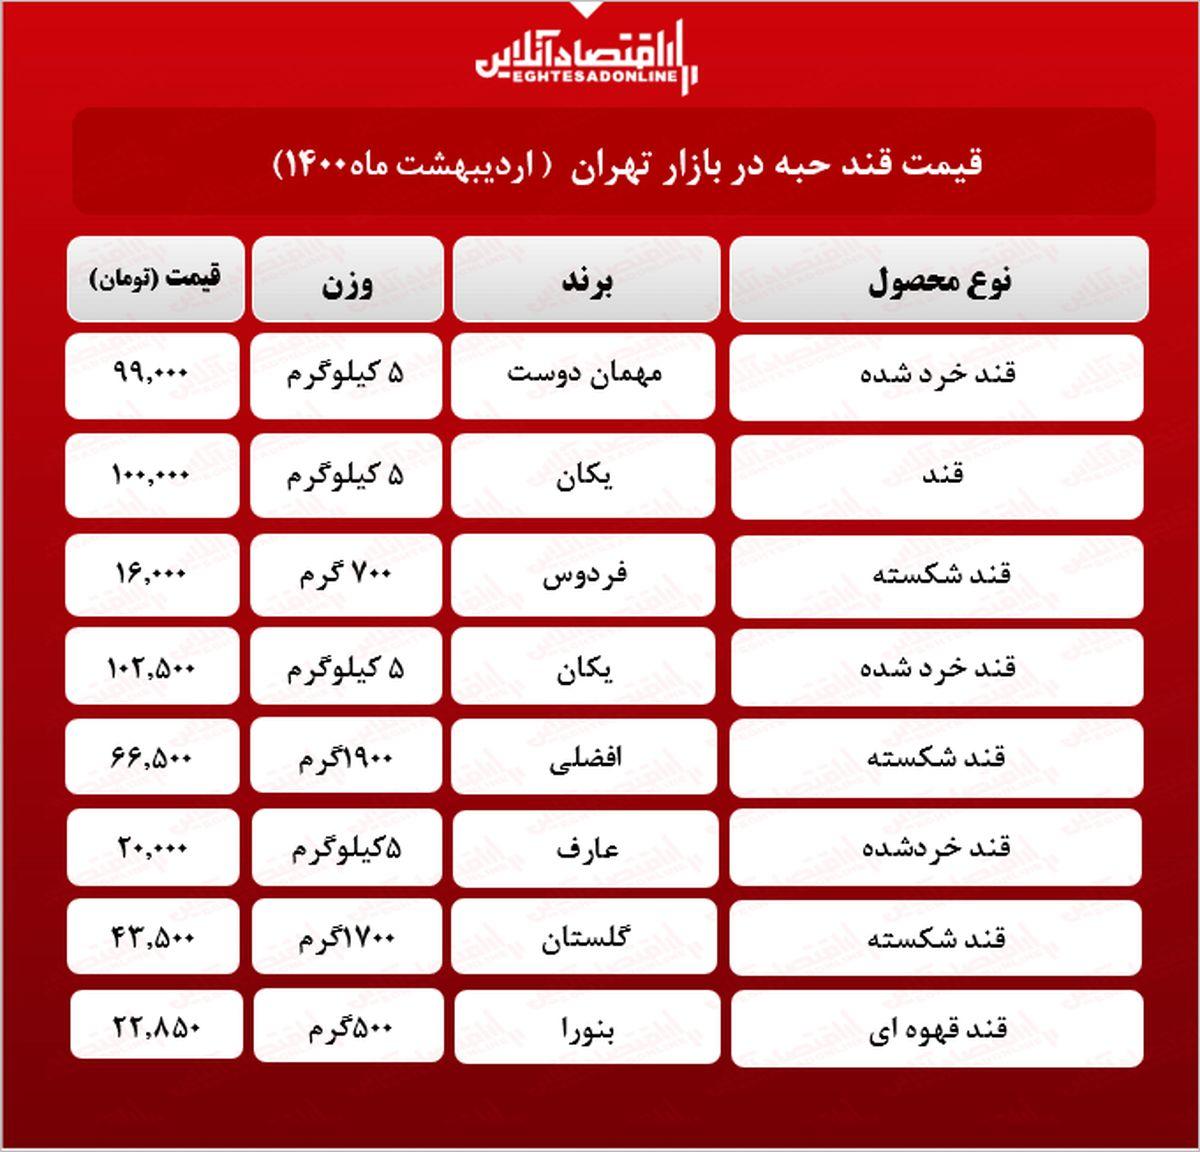 قیمت جدید قند در بازار (اردیبهشت۱۴۰۰) +جدول